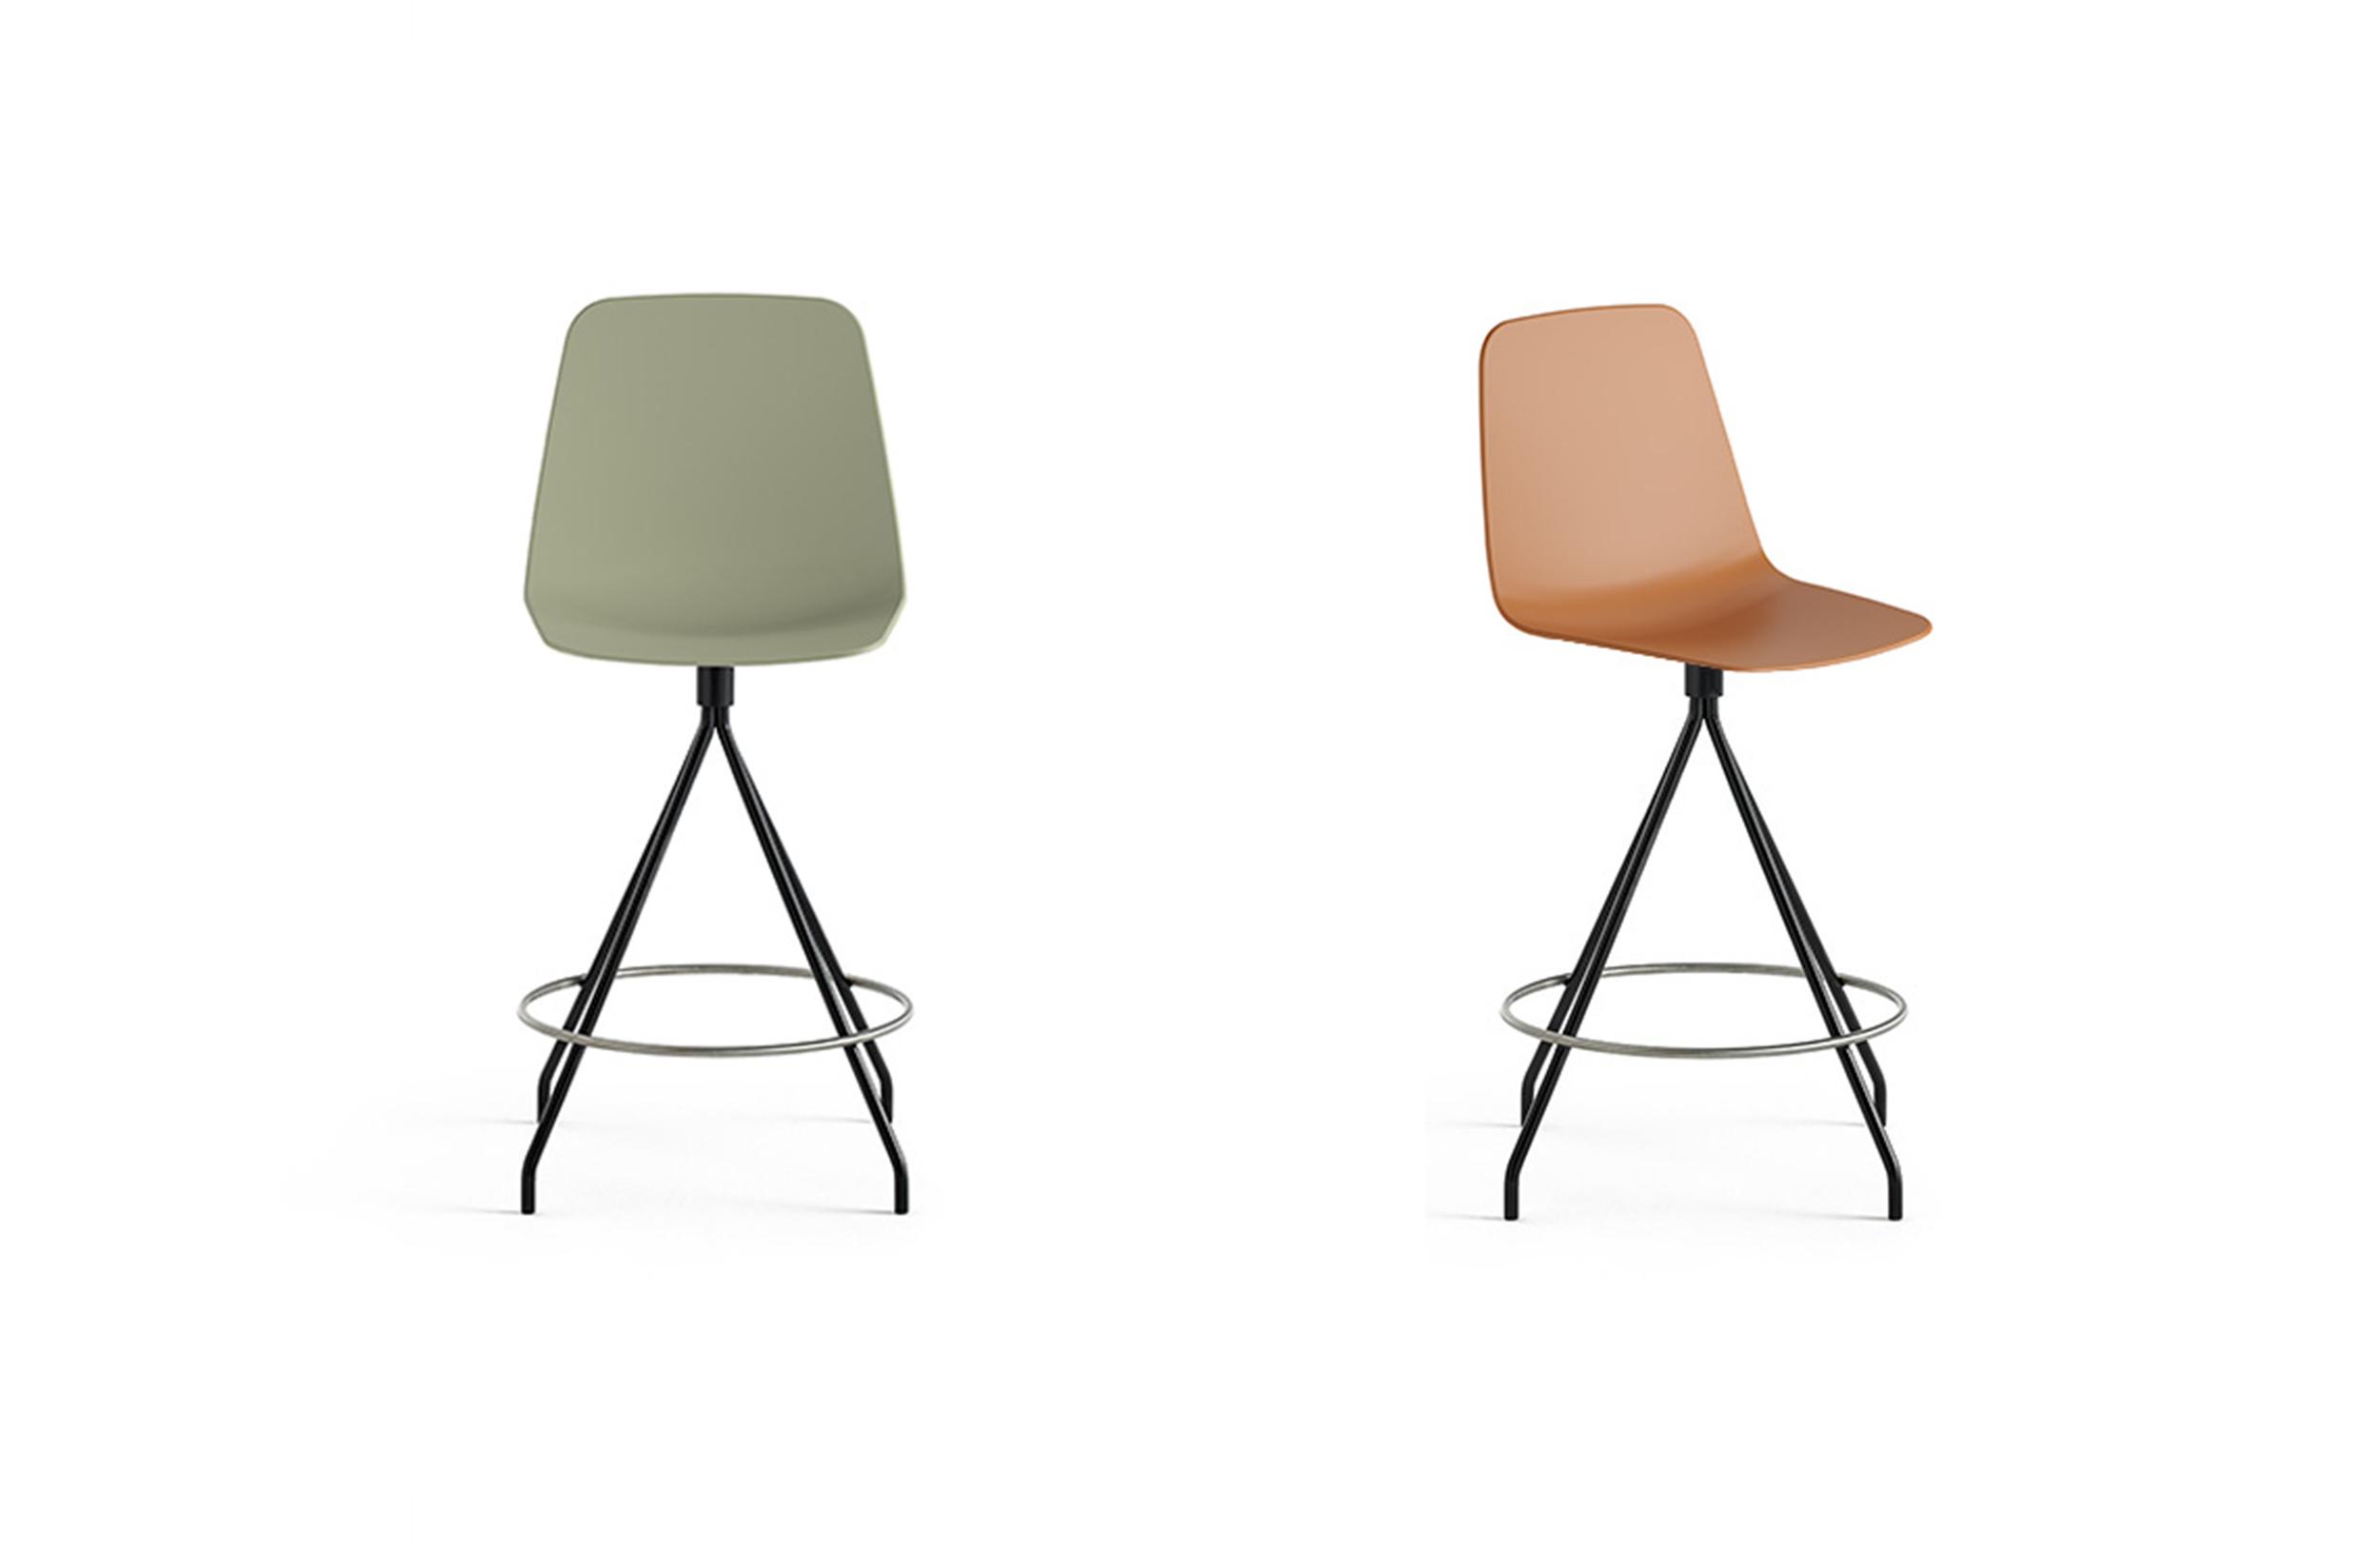 办公椅|高脚椅|创意家具|现代家居|时尚家具|设计师家具|定制家具|实木家具|MAARTEN PLASTIC餐椅/洽谈椅